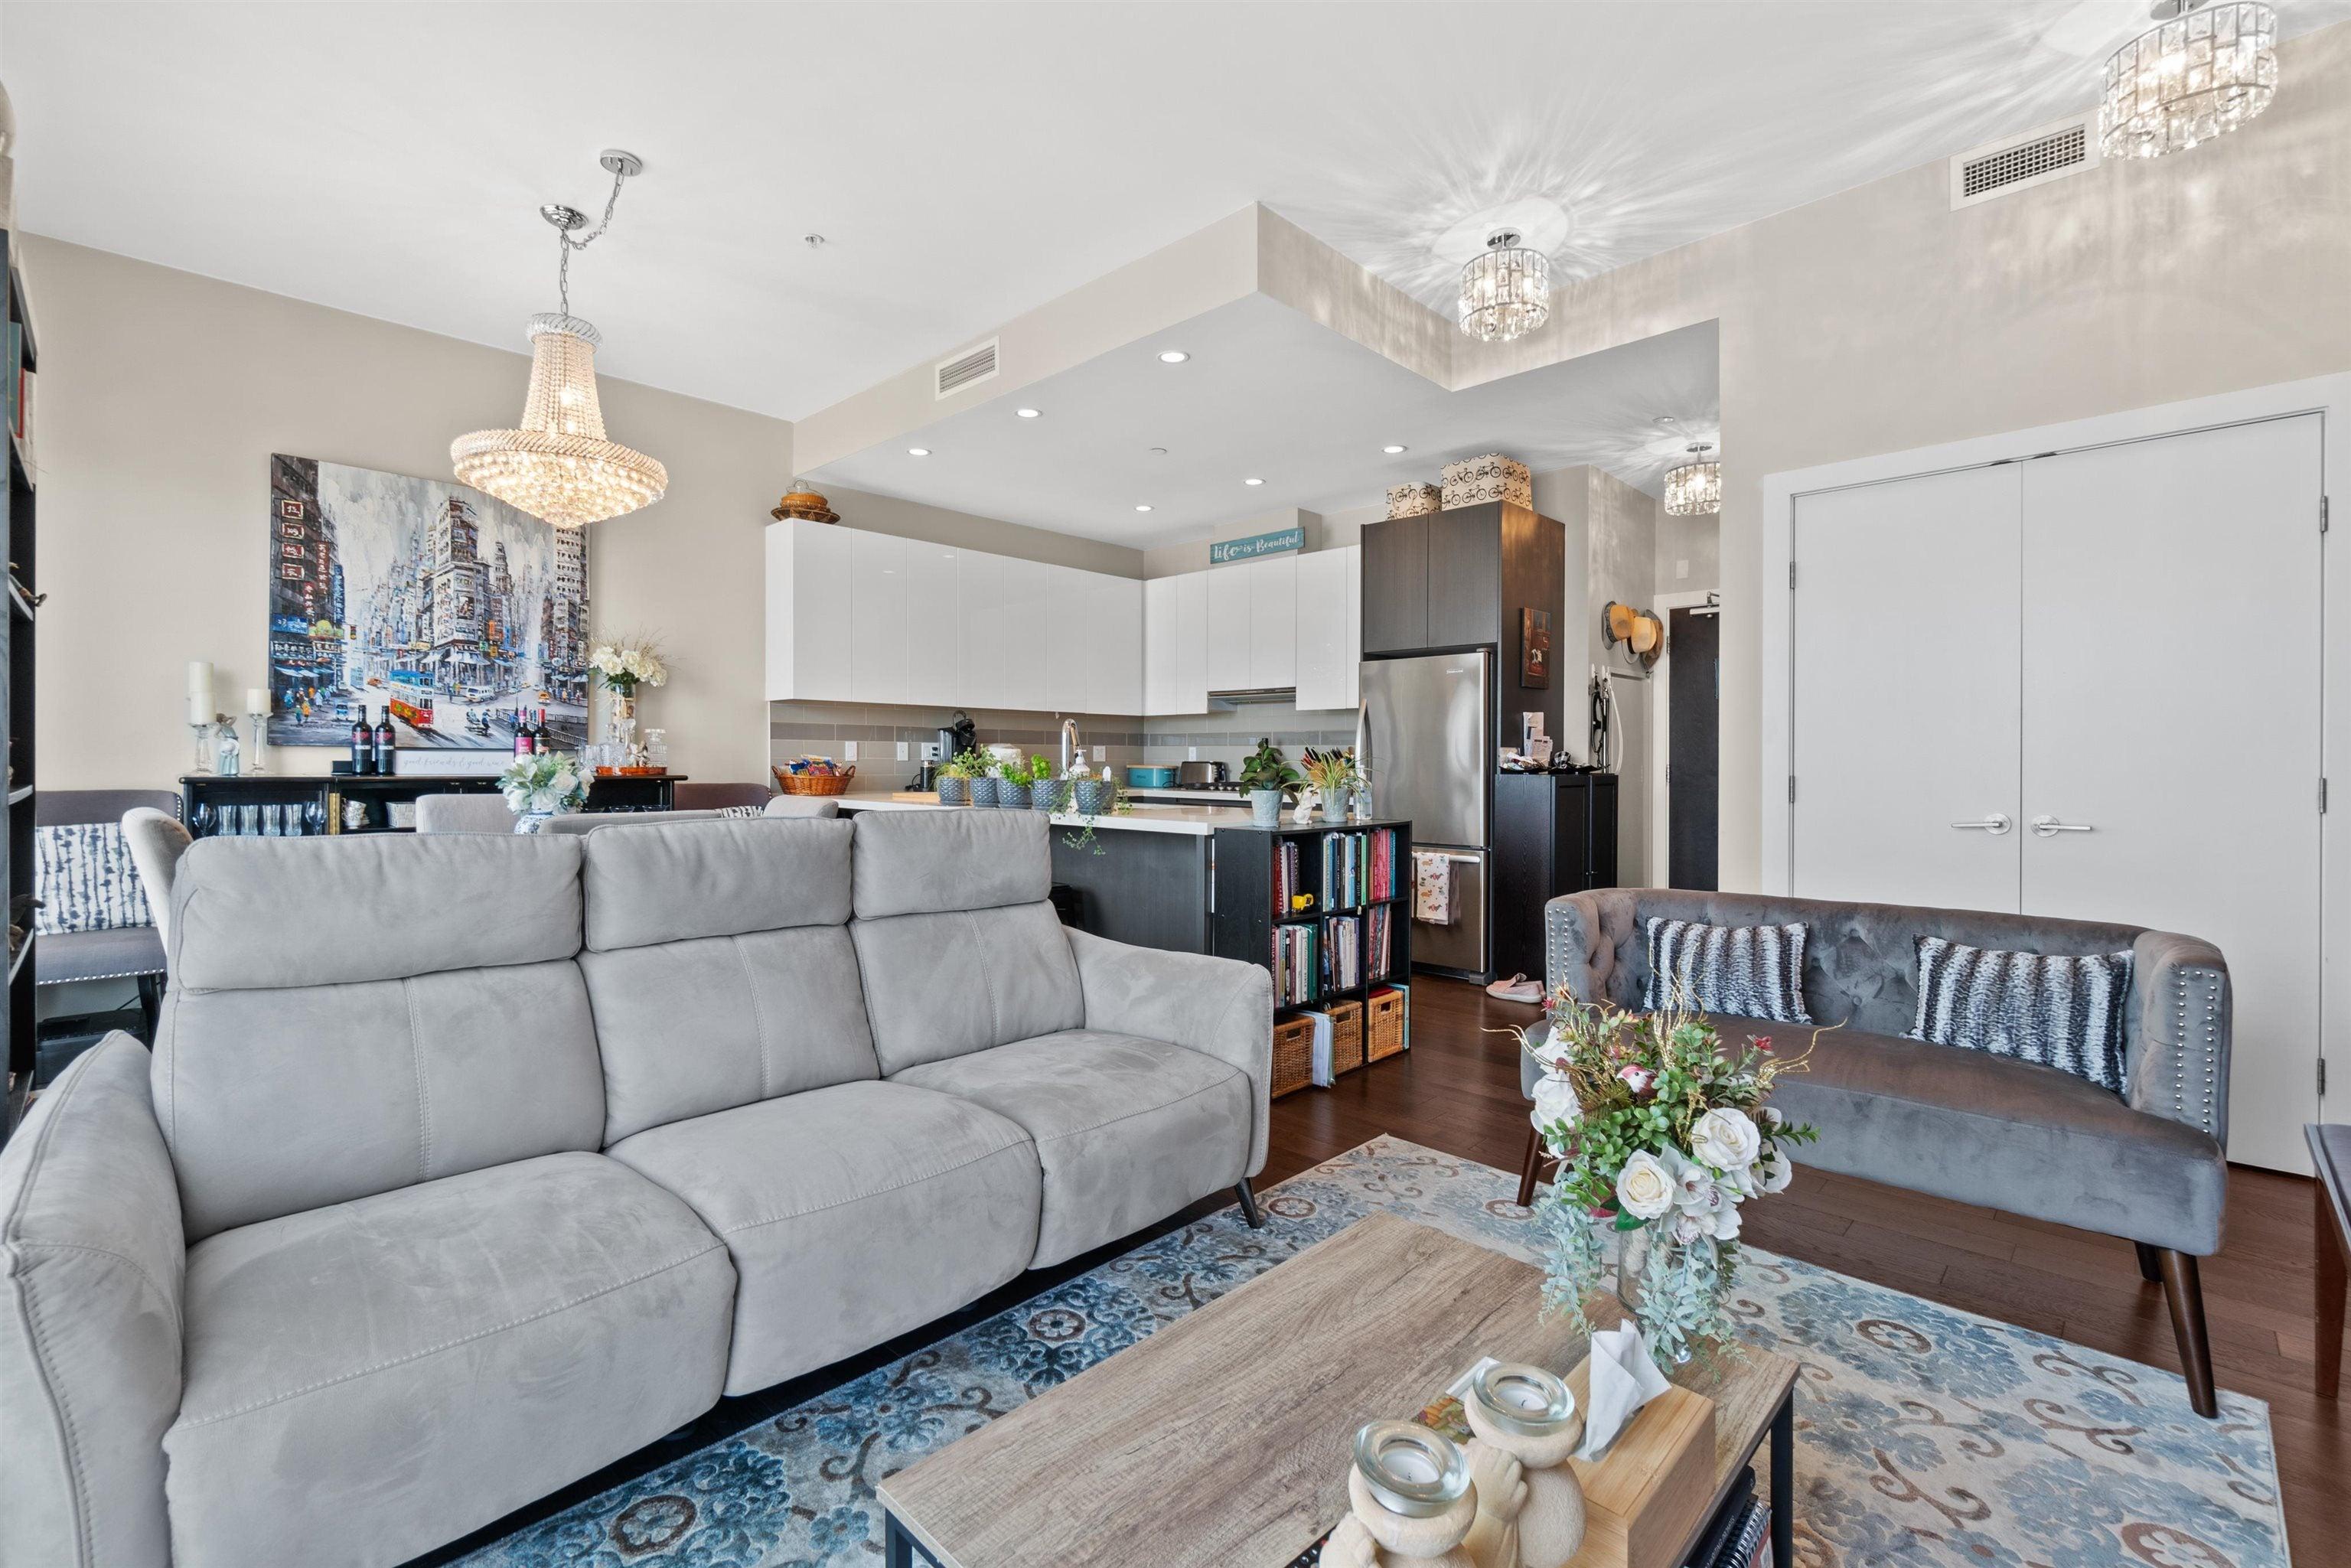 713 5399 CEDARBRIDGE WAY - Brighouse Apartment/Condo for sale, 2 Bedrooms (R2624157)